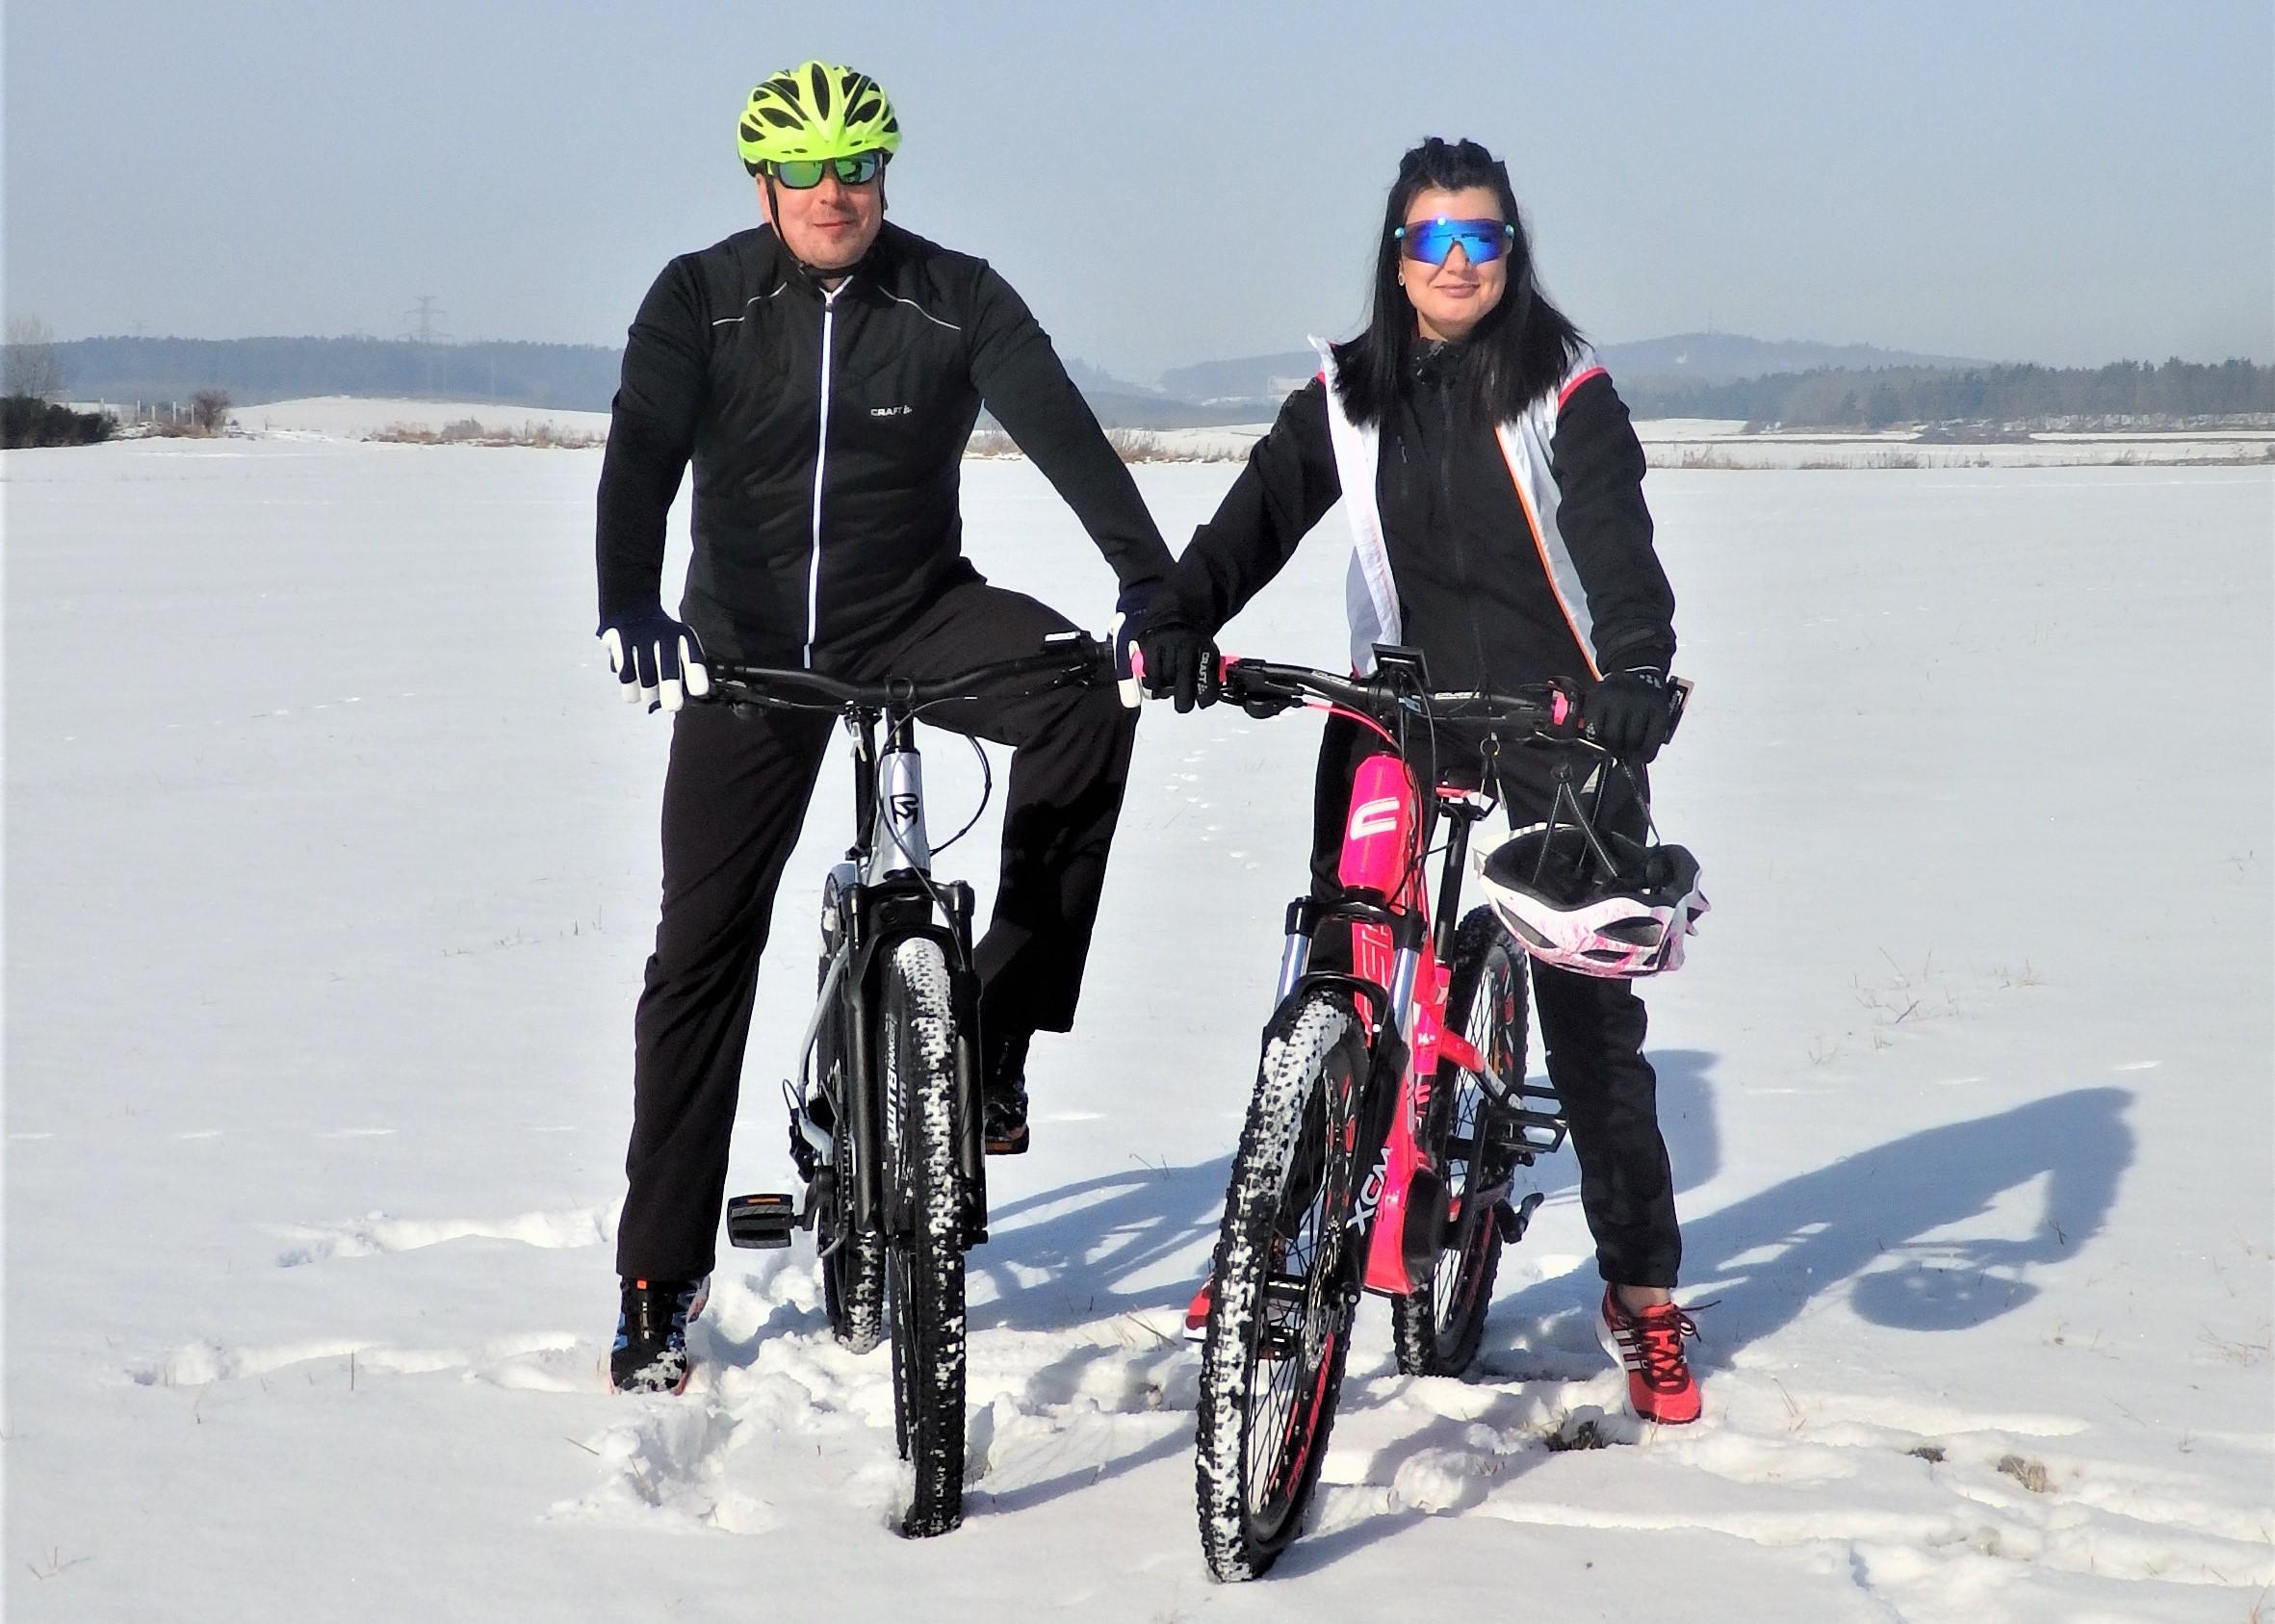 Pár užitečných tipů pro jízdu na kole v předjaří